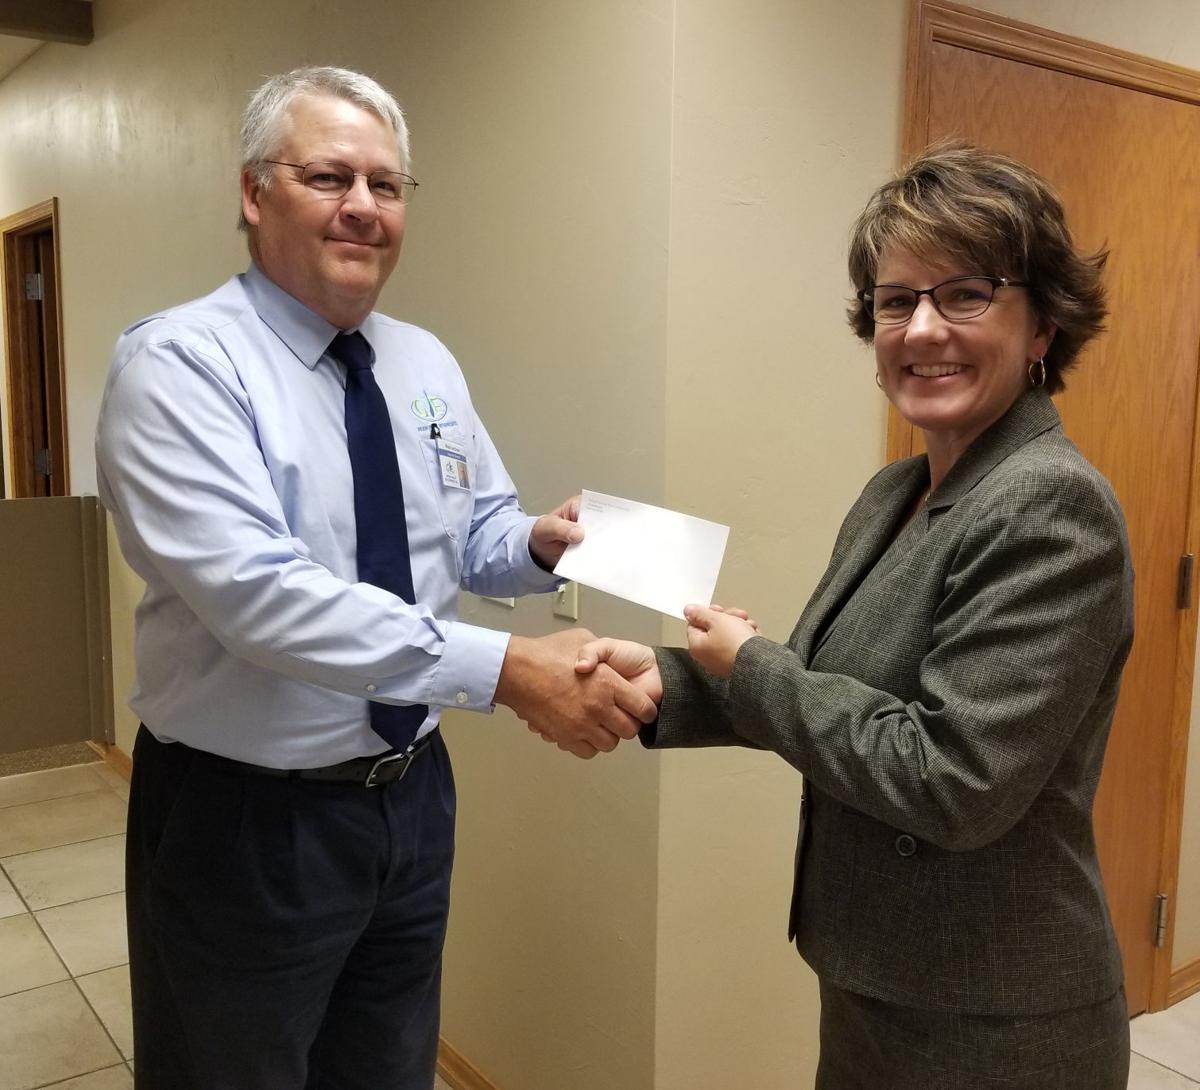 GVE receives $2,500 award